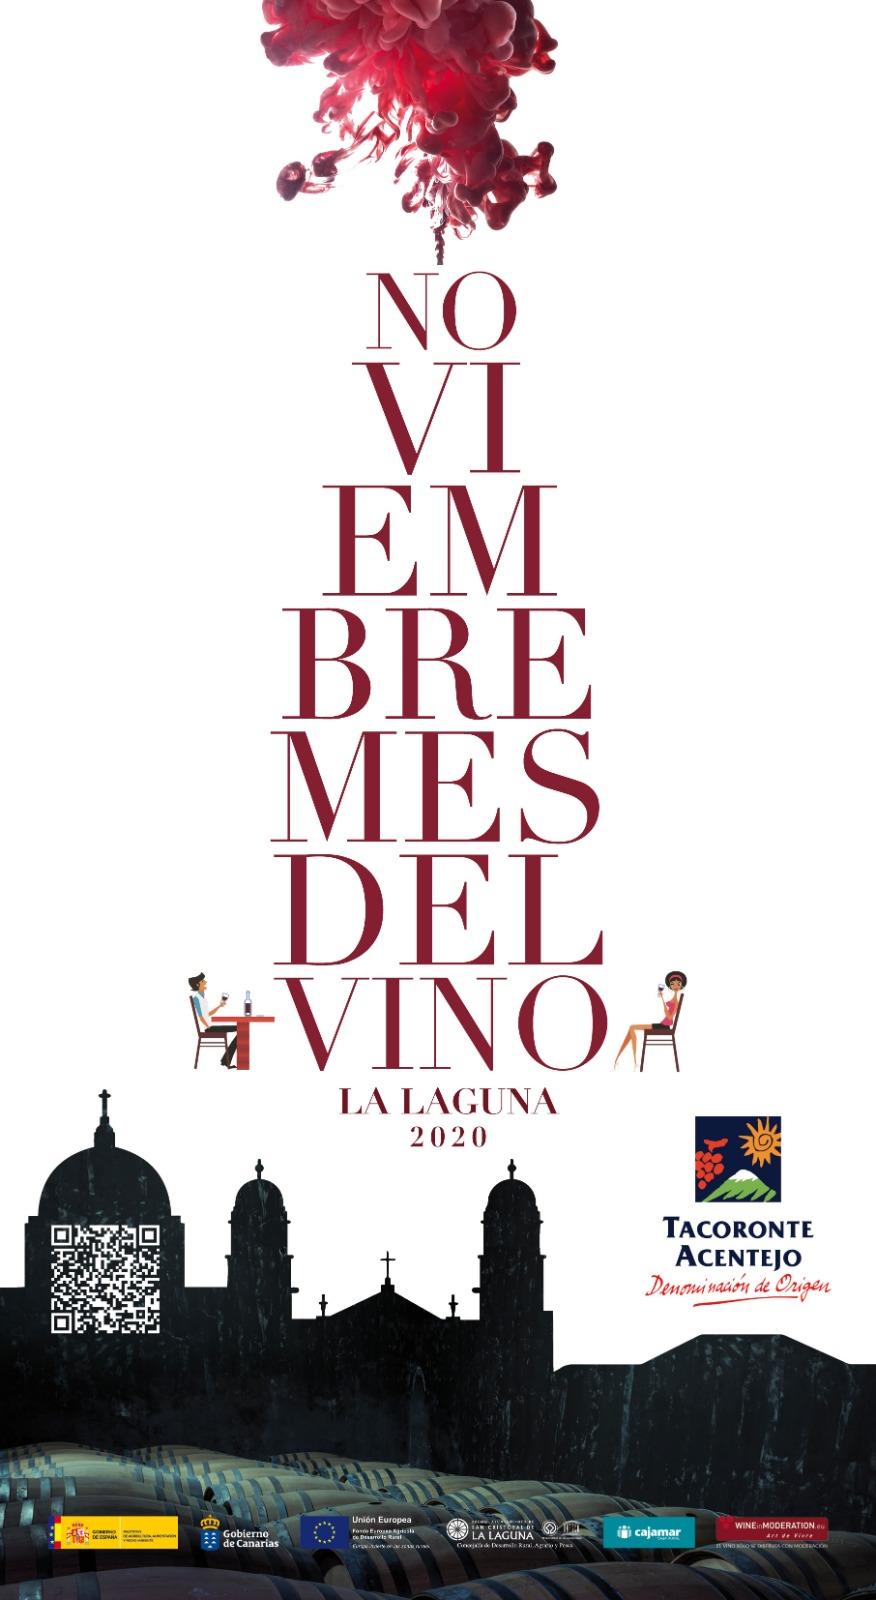 NOVIEMBRE Mes del Vino Tacoronte-Acentejo en La Laguna 2020